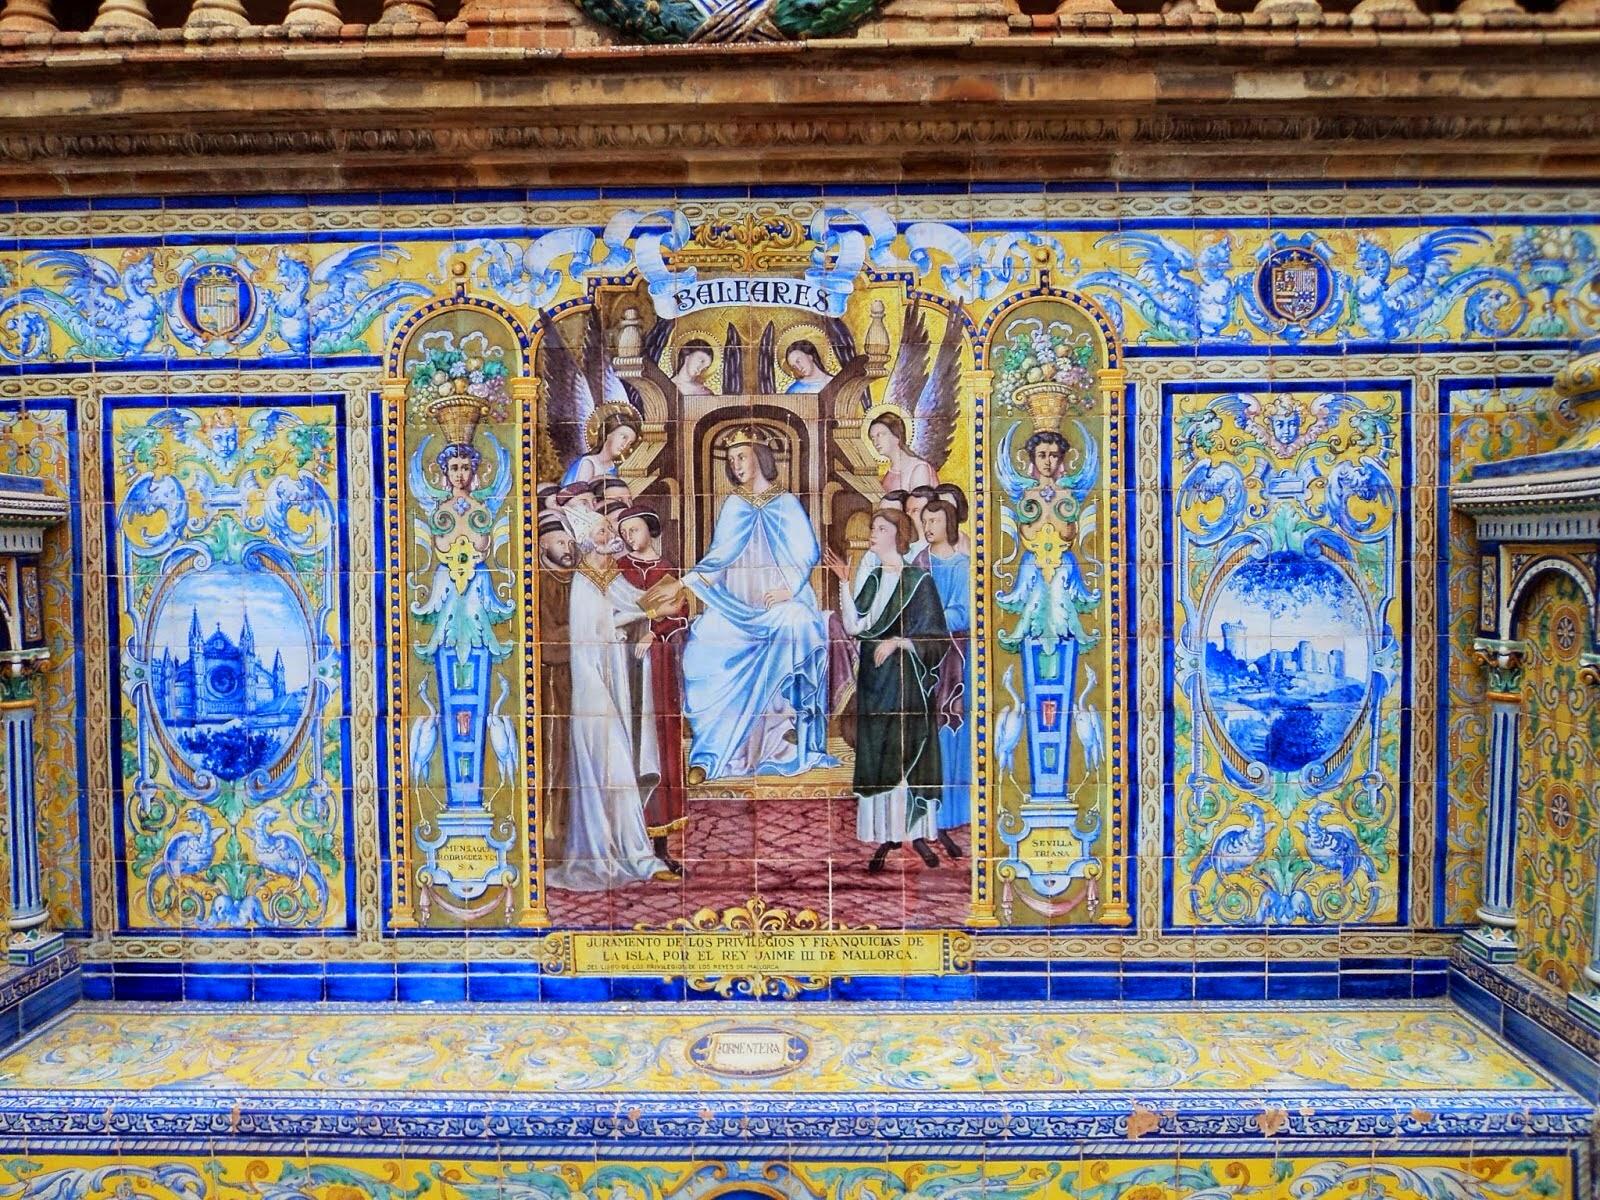 El poder del arte enrique orce m rmol for Azulejos antiguos sevilla